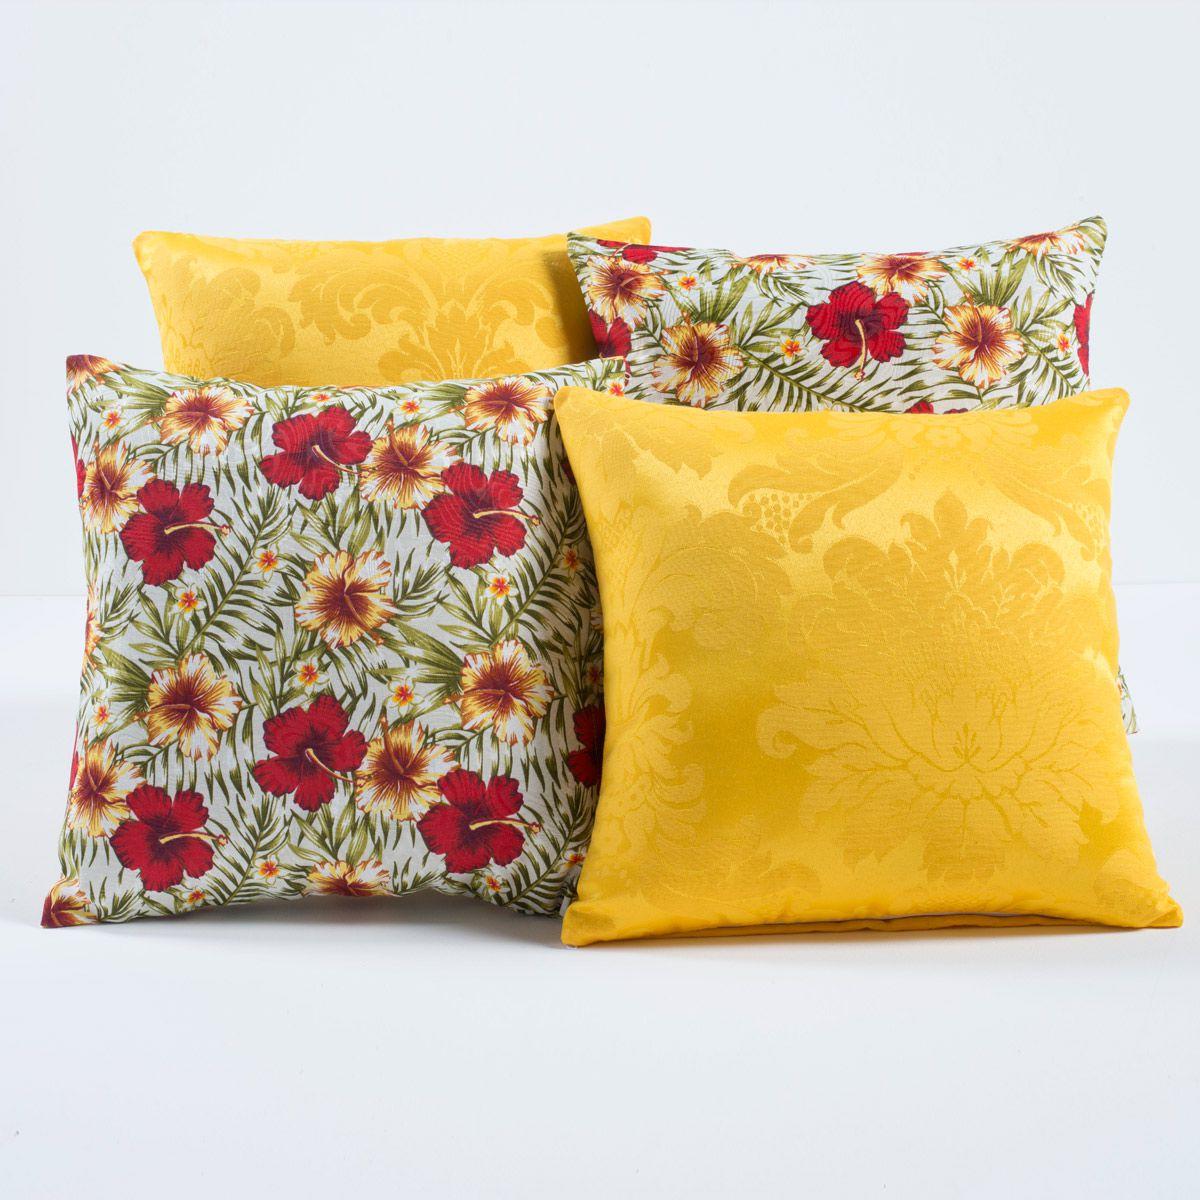 Kit c/ 4 Almofadas Cheias Decorativas Floral Amarelo/Vermelho 04 Peças c/ Refil